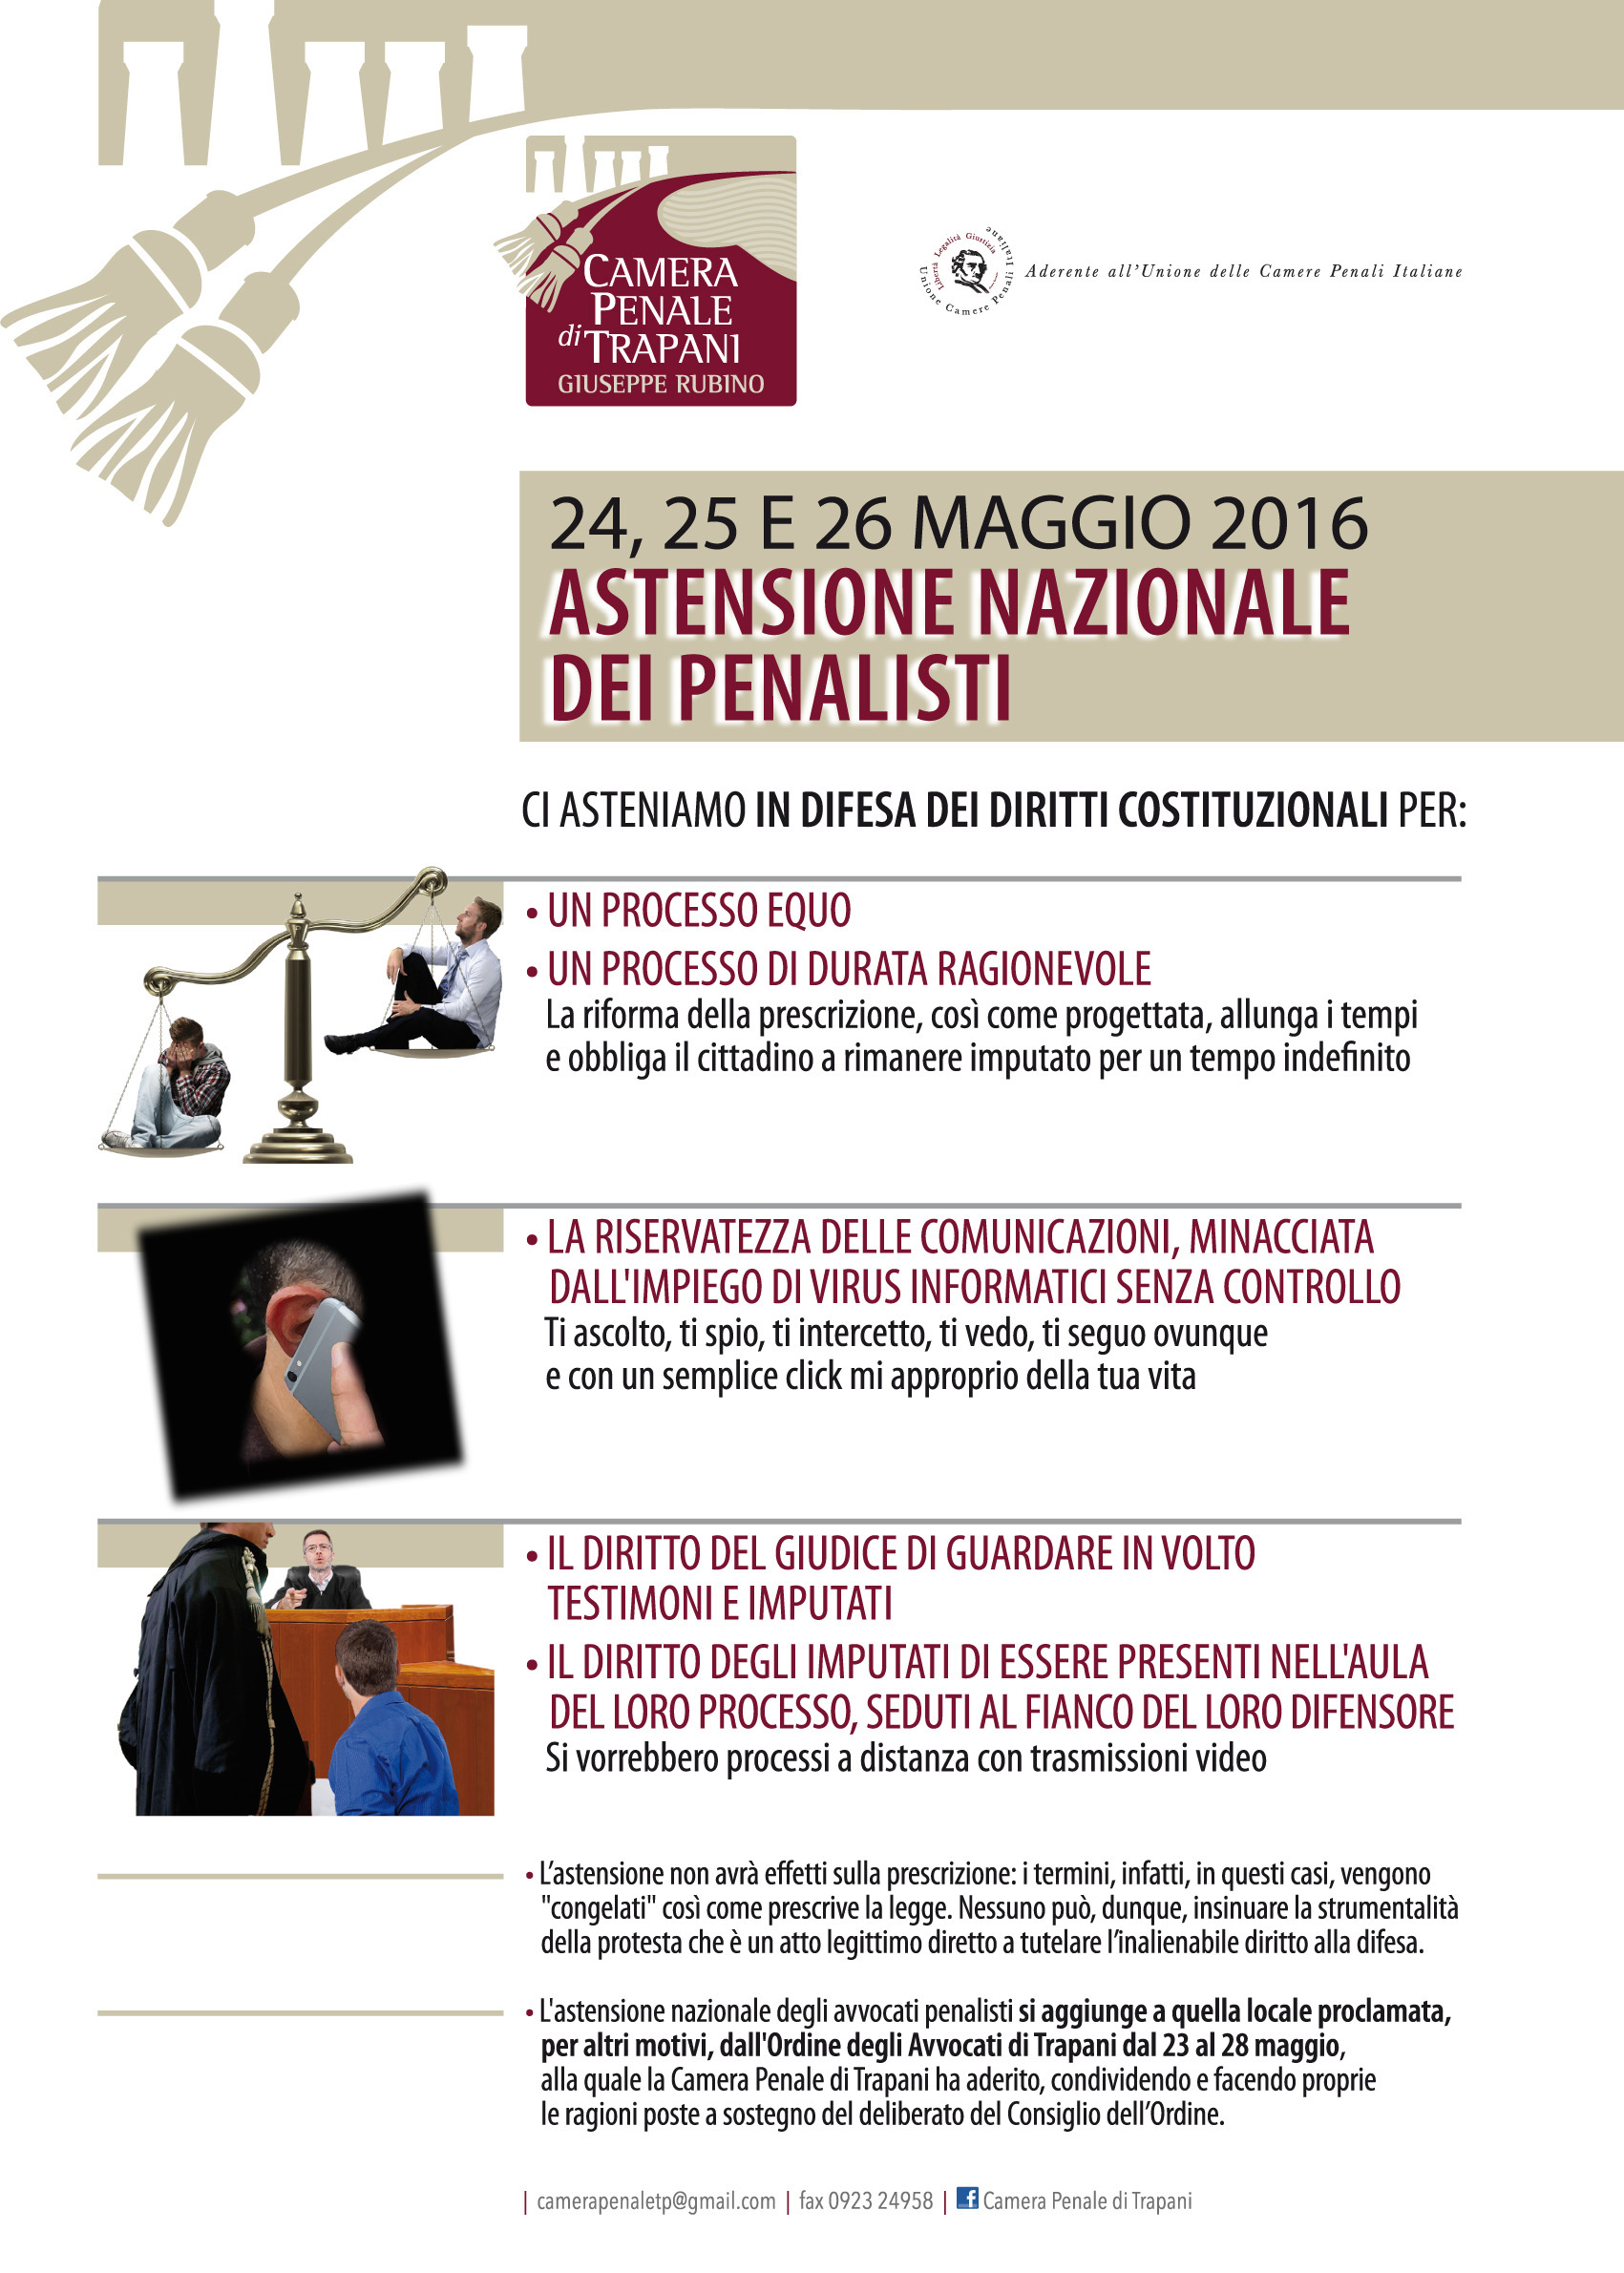 La camera penale di Trapani aderisce all'astensione nazionale. Le iniziative dal 23 al 28 maggio